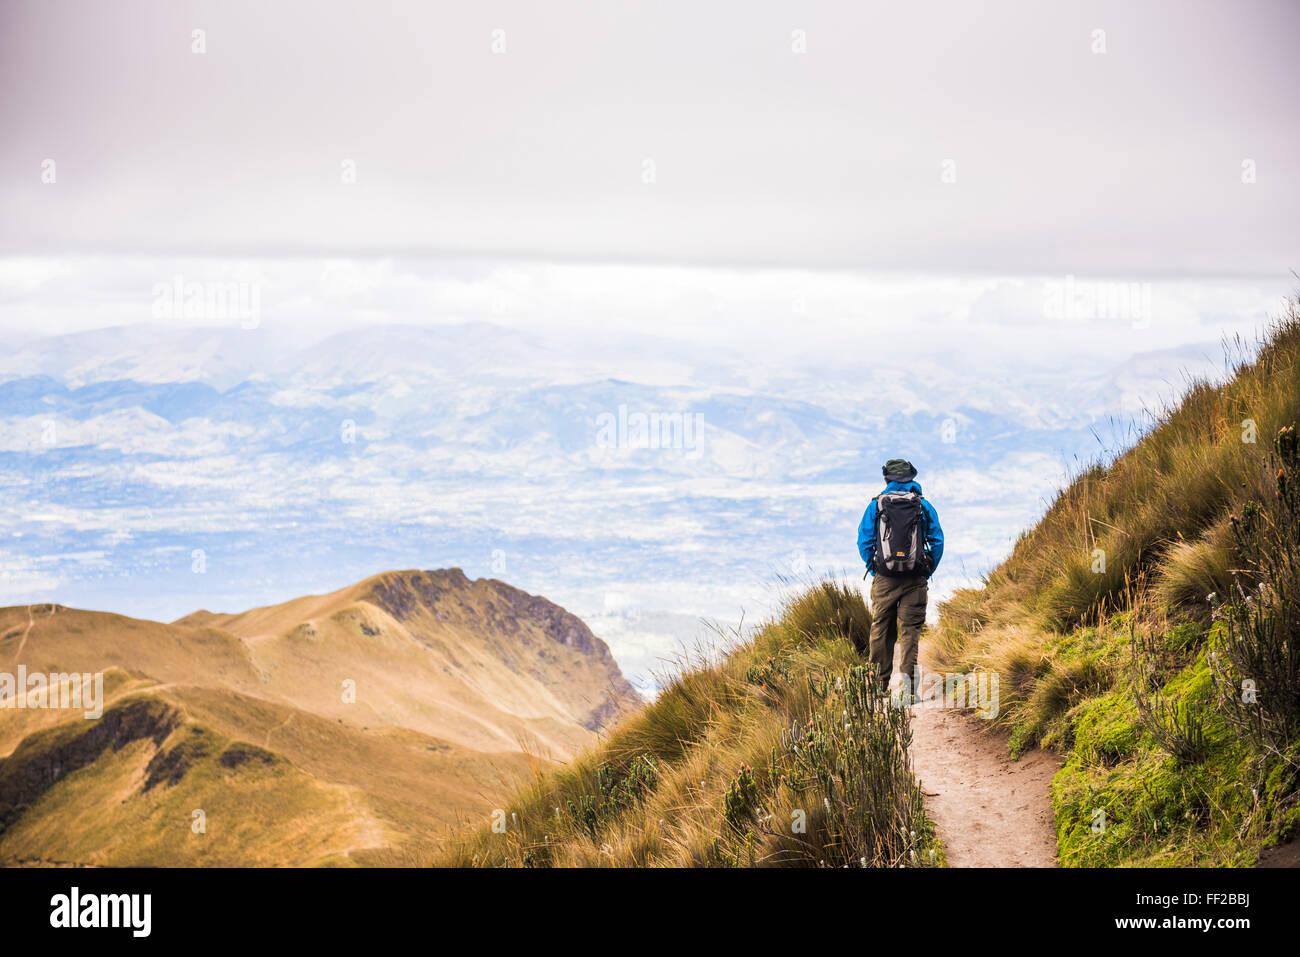 VoRMcano Rucu Pichincha trek, Quito, Pichincha Province, l'Équateur, en Amérique du Sud, Amérique du Sud Banque D'Images